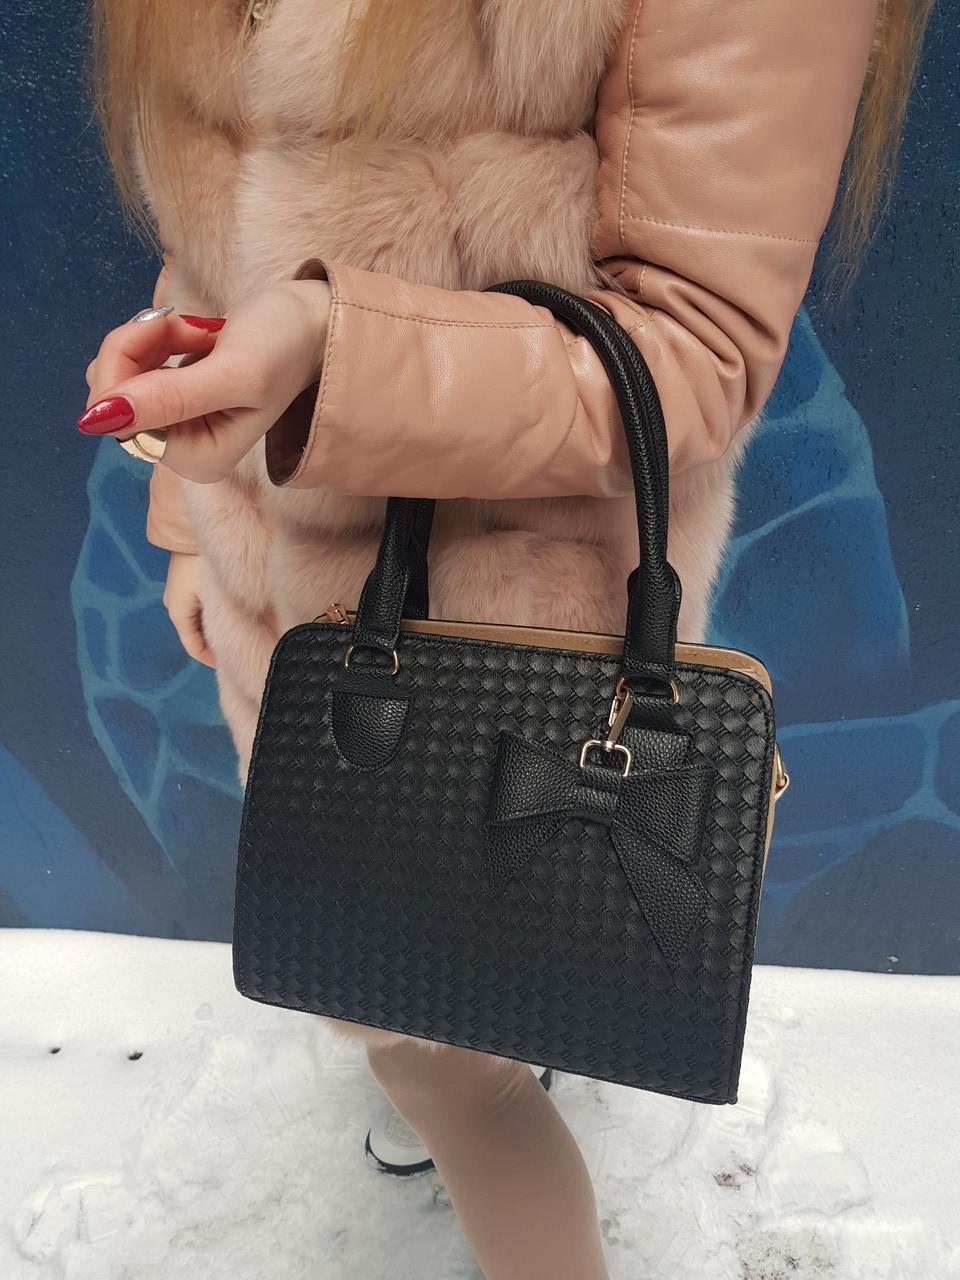 5d7f61afda24 Стильная женская сумка по низкой цене. Суперкачество! - 24Market в Львове